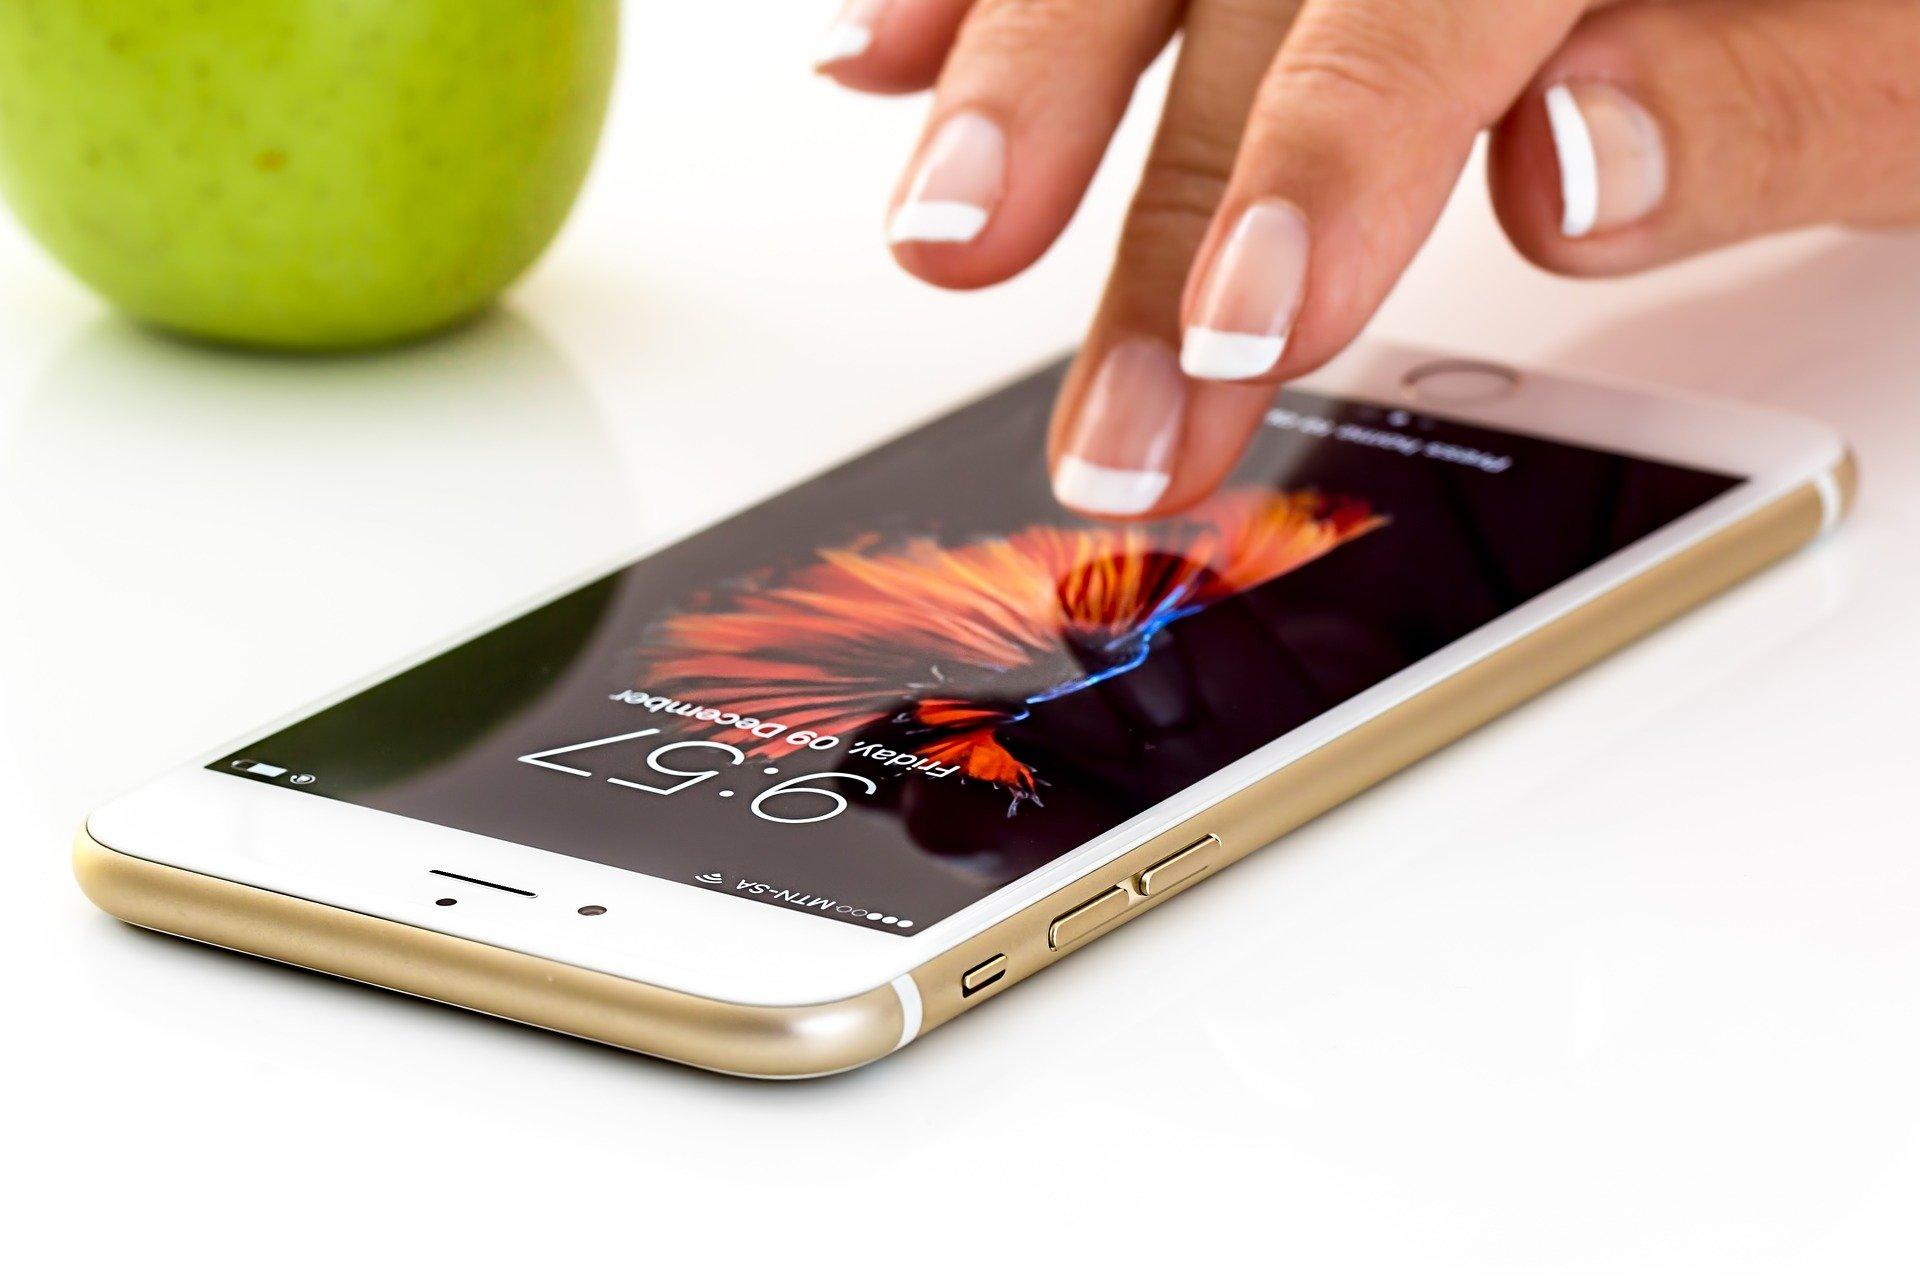 Kobiecy palec trzymany nad leżącym smartfonem